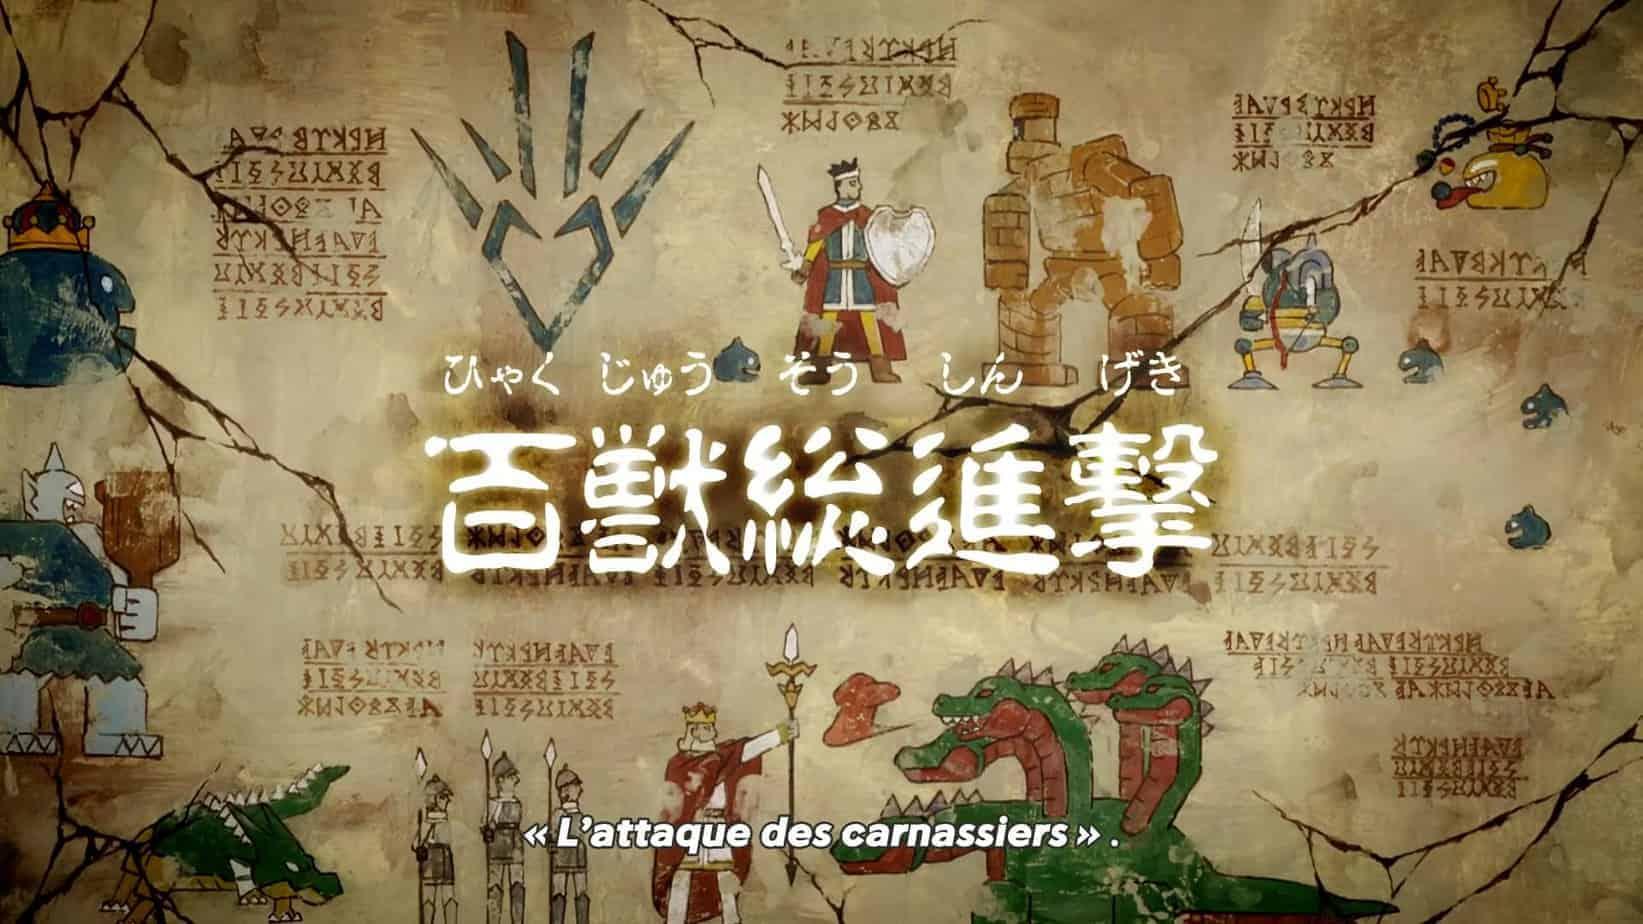 DRAGON QUEST: The Adventure of Daï épisode 8 vostfr L'attaque des carnassiers 20